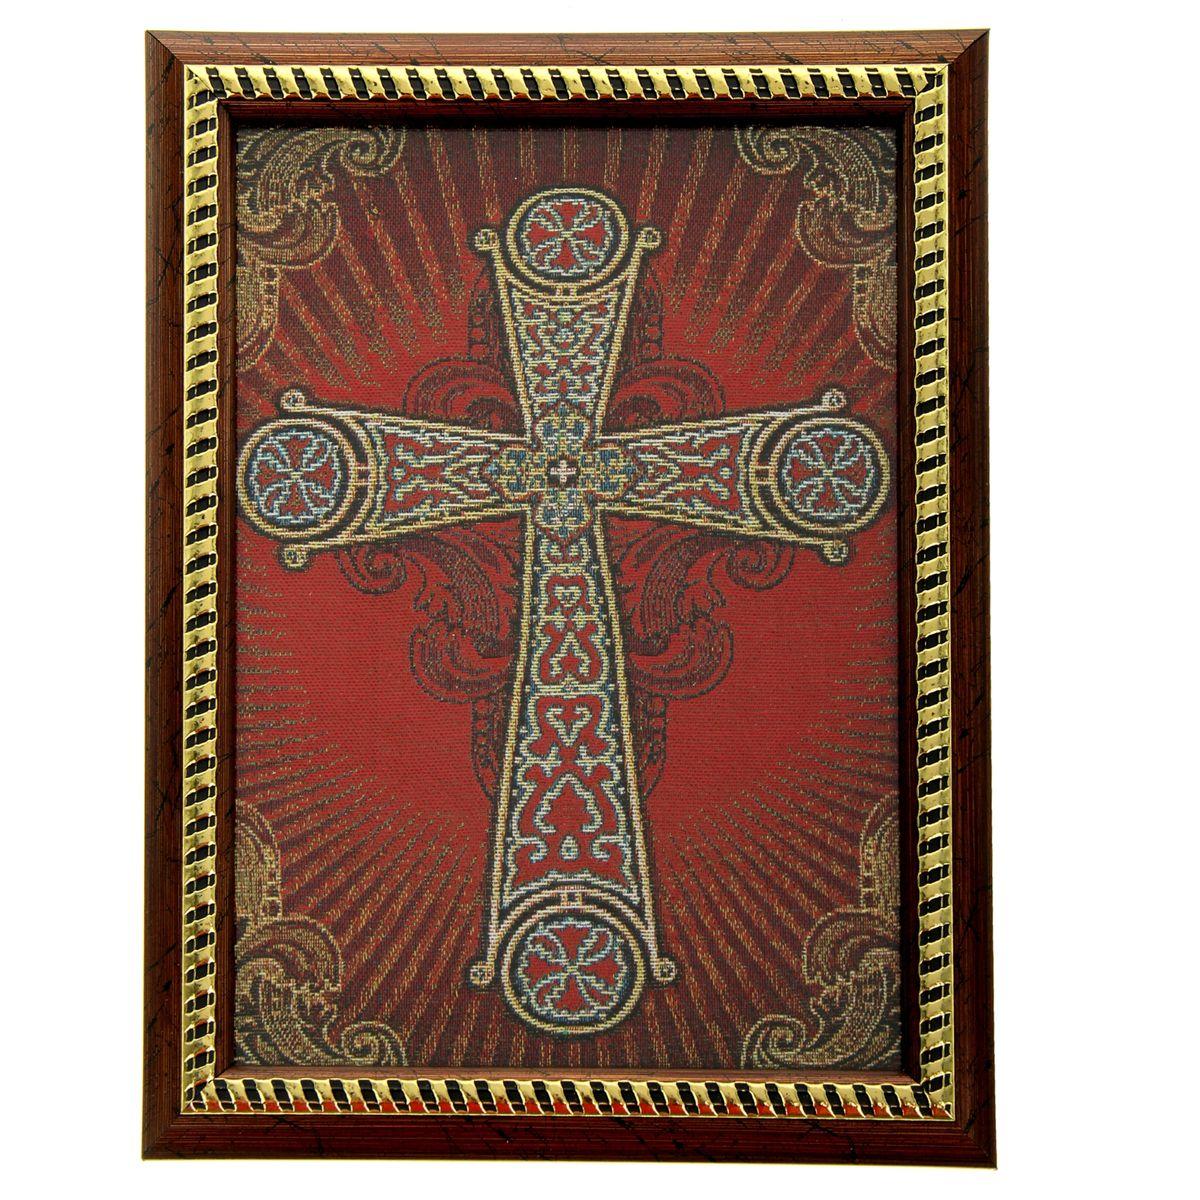 Икона в рамке Корсунский крест, 21 см х 27,5 смCM000001326Икона Корсунский крест представляет собой святое изображение, вытканное на ткани и вставленное в деревянную рамку со стеклом. На обратной стороне иконы есть подставка, поэтому удобно располагать такую икону на столе. Икона полностью соответствует канонам Русской Православной Церкви. Икона выглядит по-настоящему богатой. Такая икона будет прекрасным подарком с духовной составляющей.